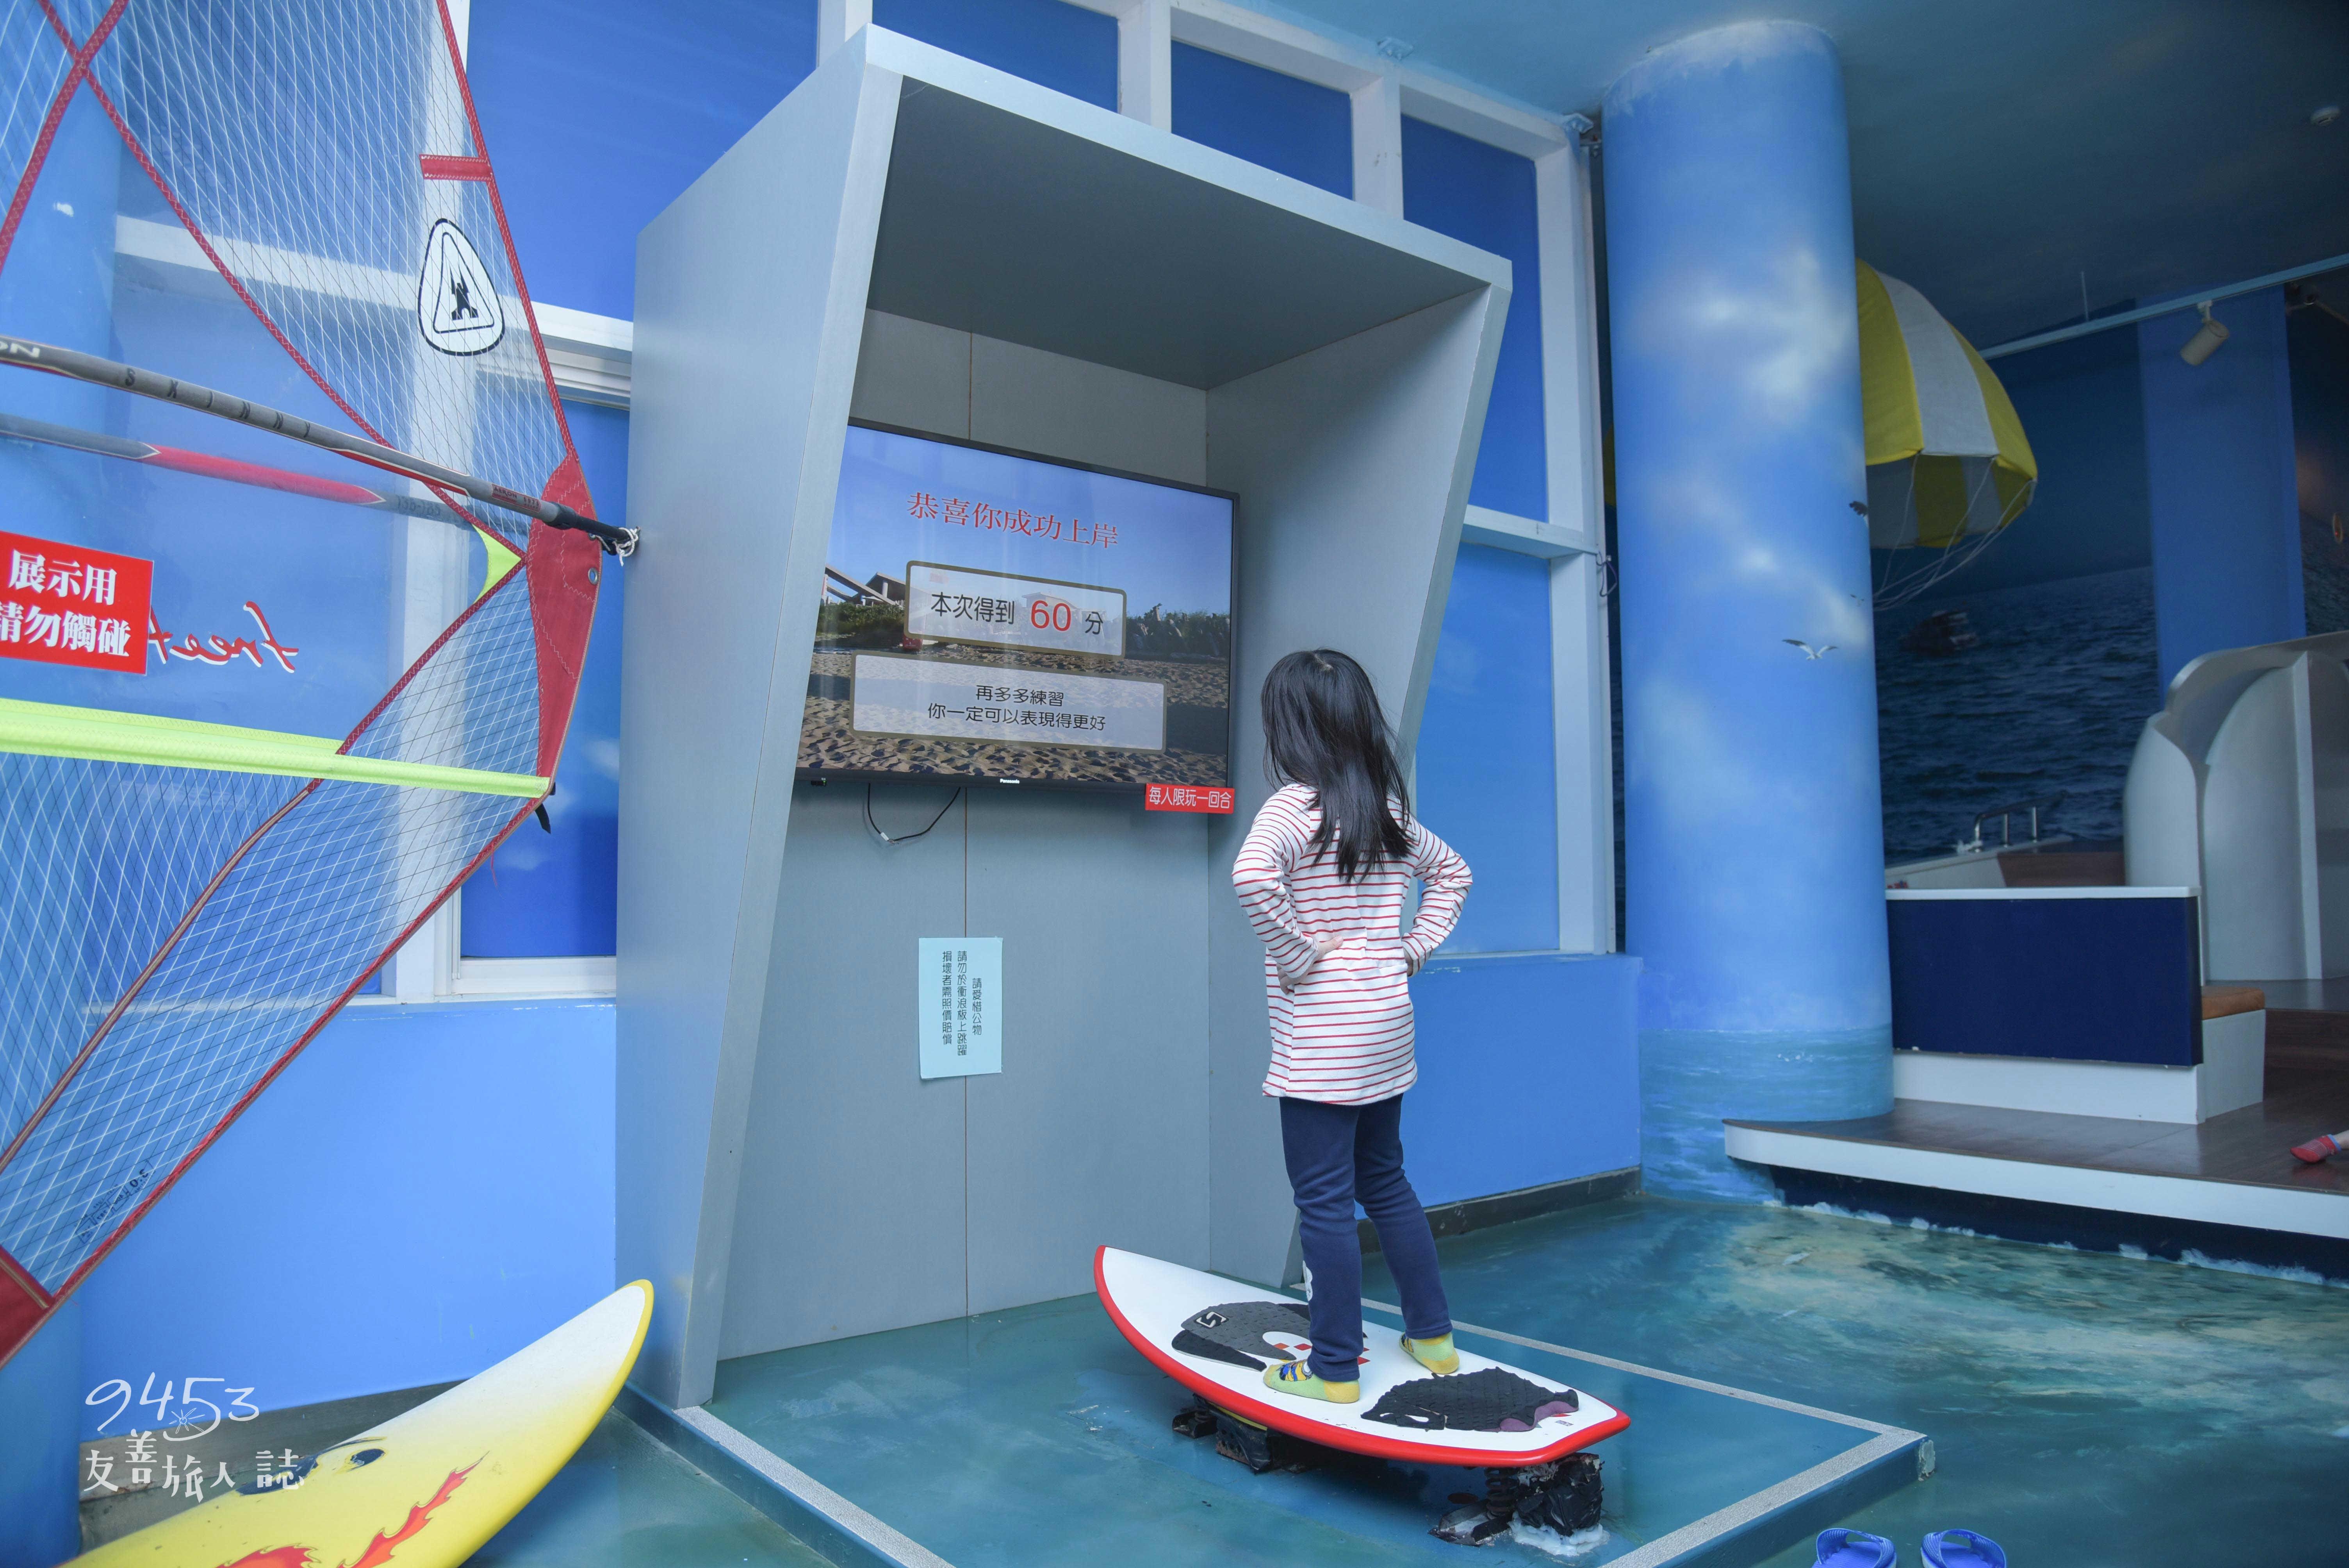 衝浪體驗機讓人體驗真實的衝浪感